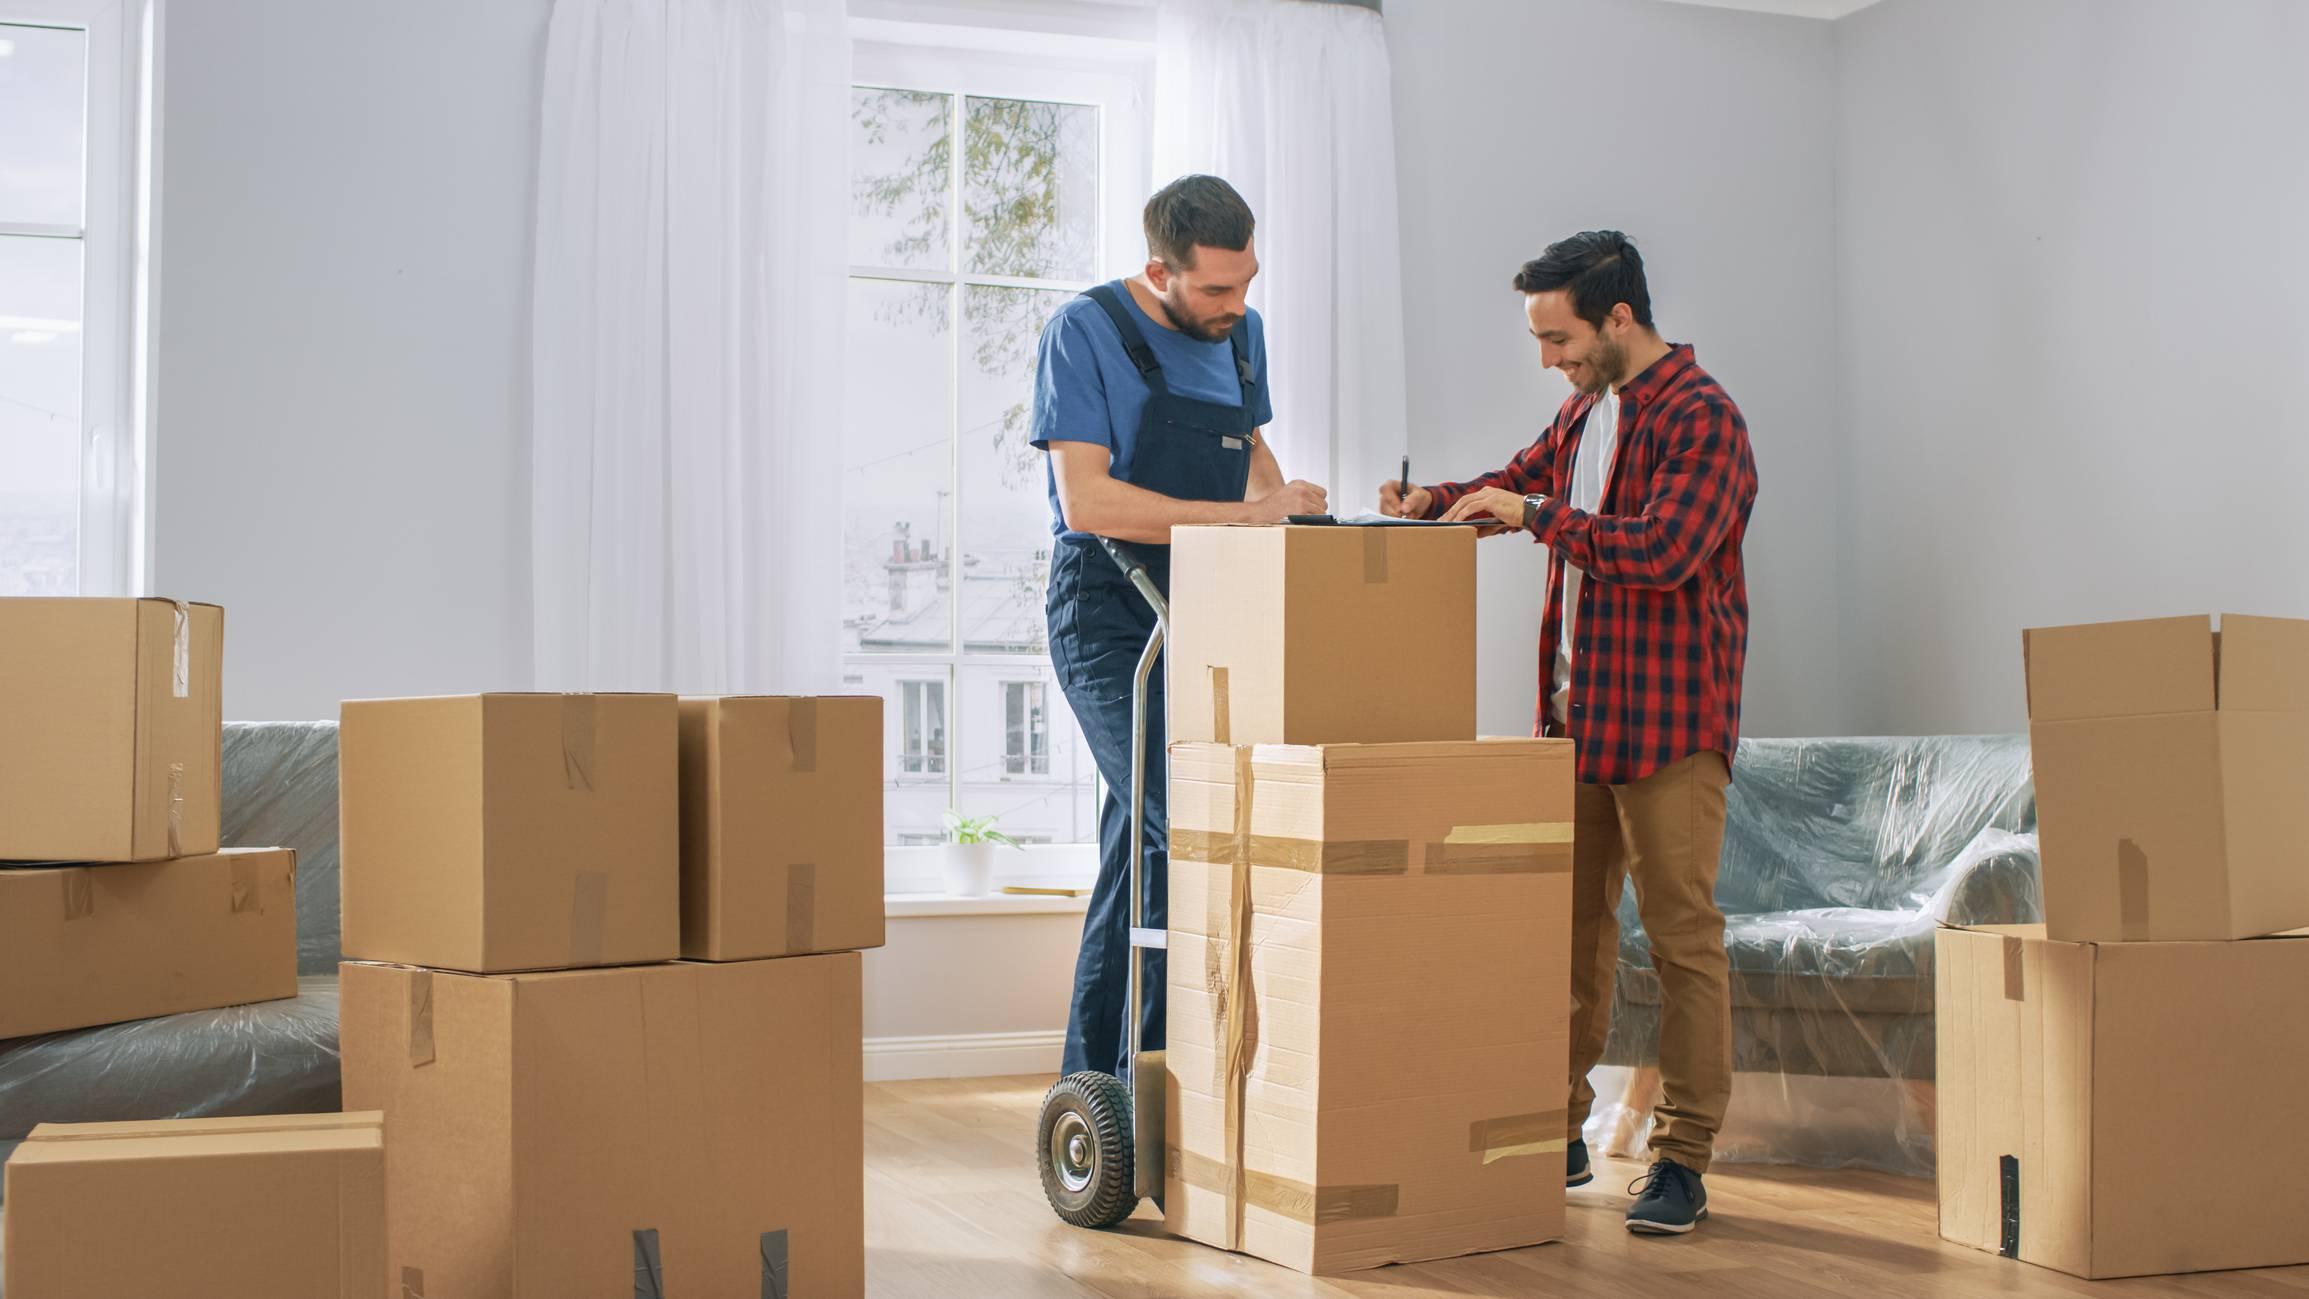 Par où commencer quand on prend la décision de déménager ?